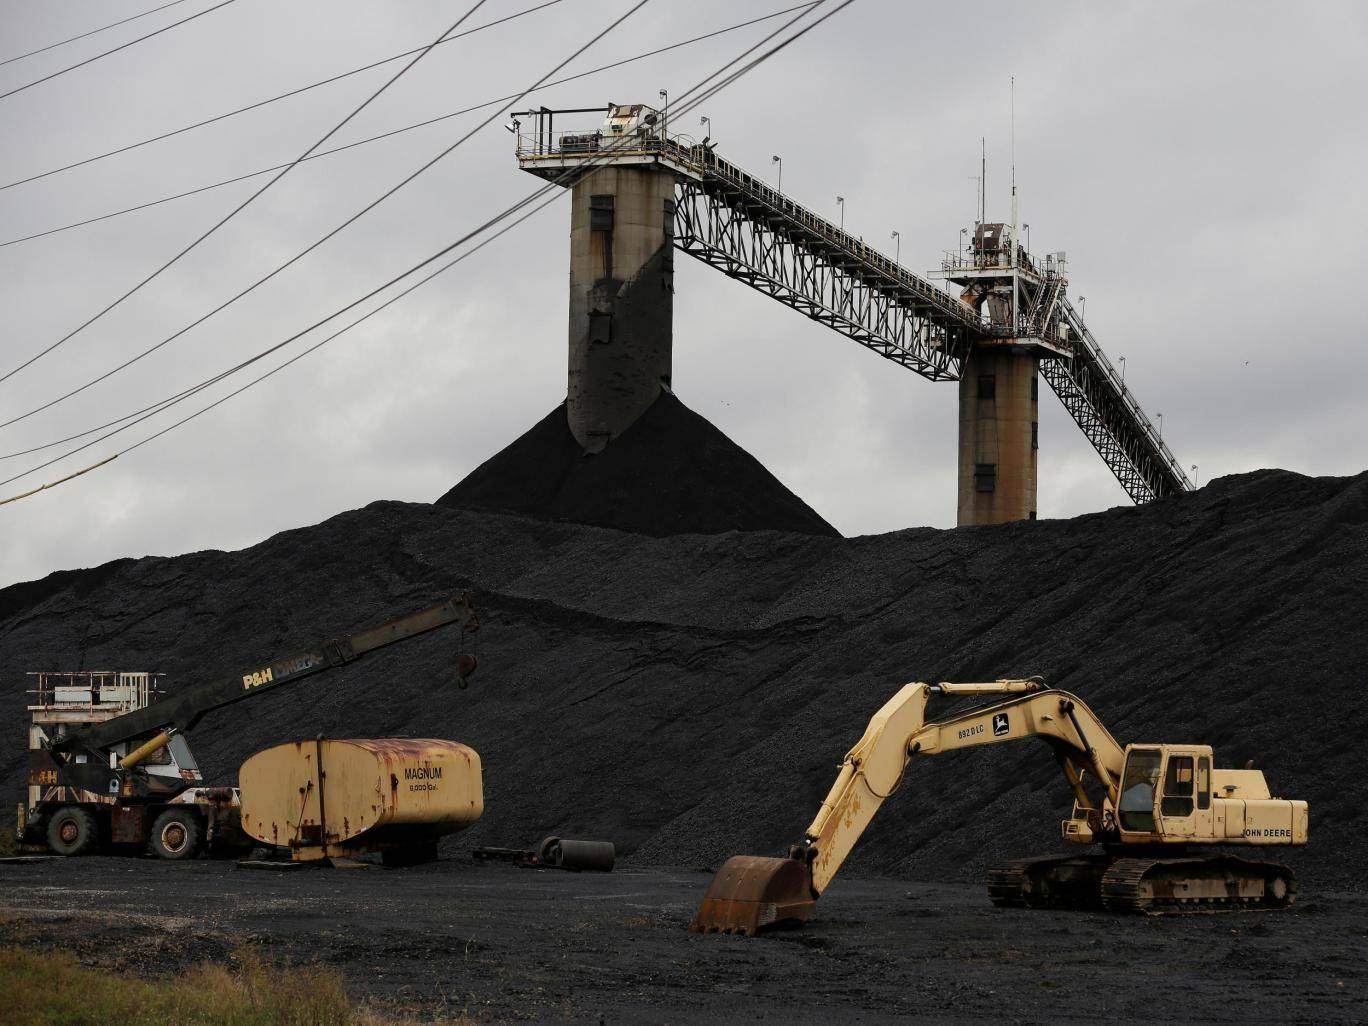 بلاك روك - موقع استخراج الفحم - روسيا- مناجم الفحم - الفحم الأميركي